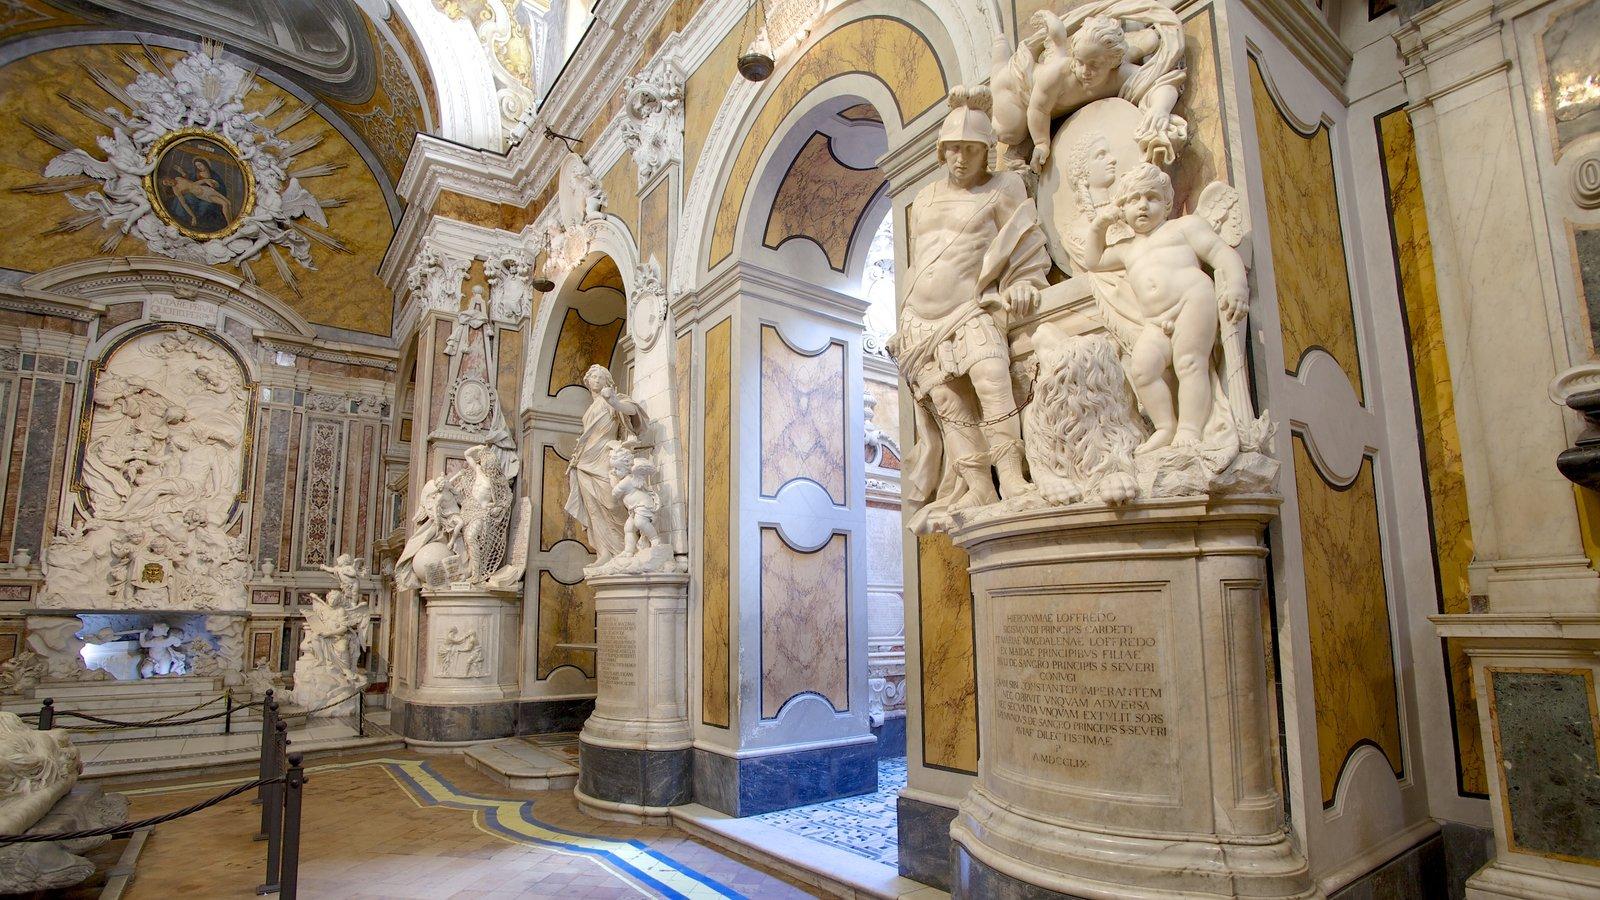 La Cappella Sansevero caracterizando vistas internas, uma estátua ou escultura e uma igreja ou catedral